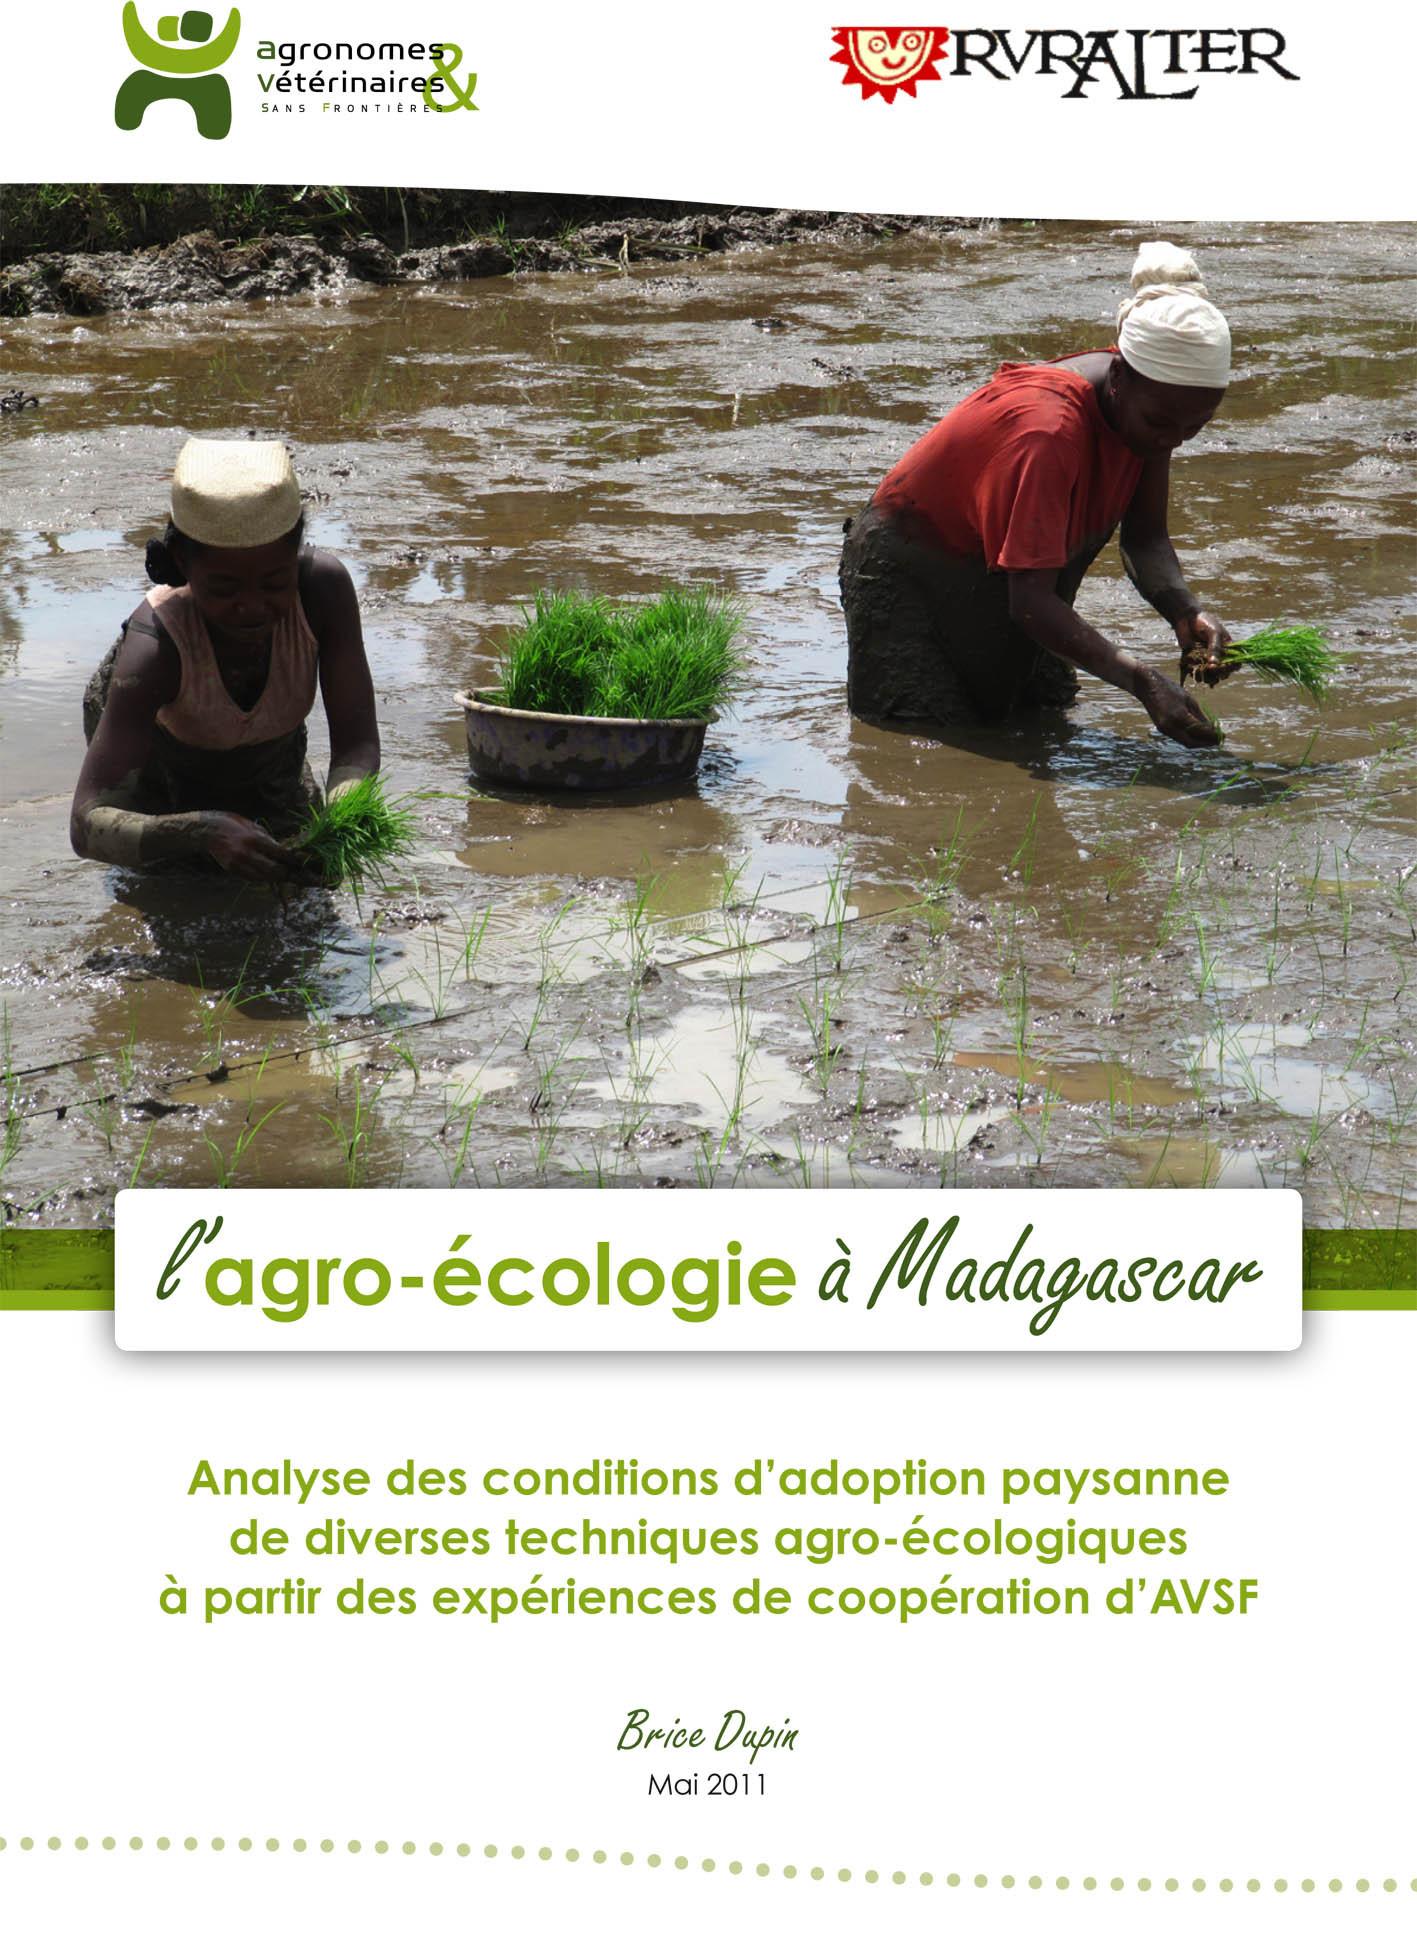 PDF Preview - L'agroécologie à Madagascar : analyse des conditions d'adoption paysanne de différentes techniques à partir de l'expérience d'AVSF